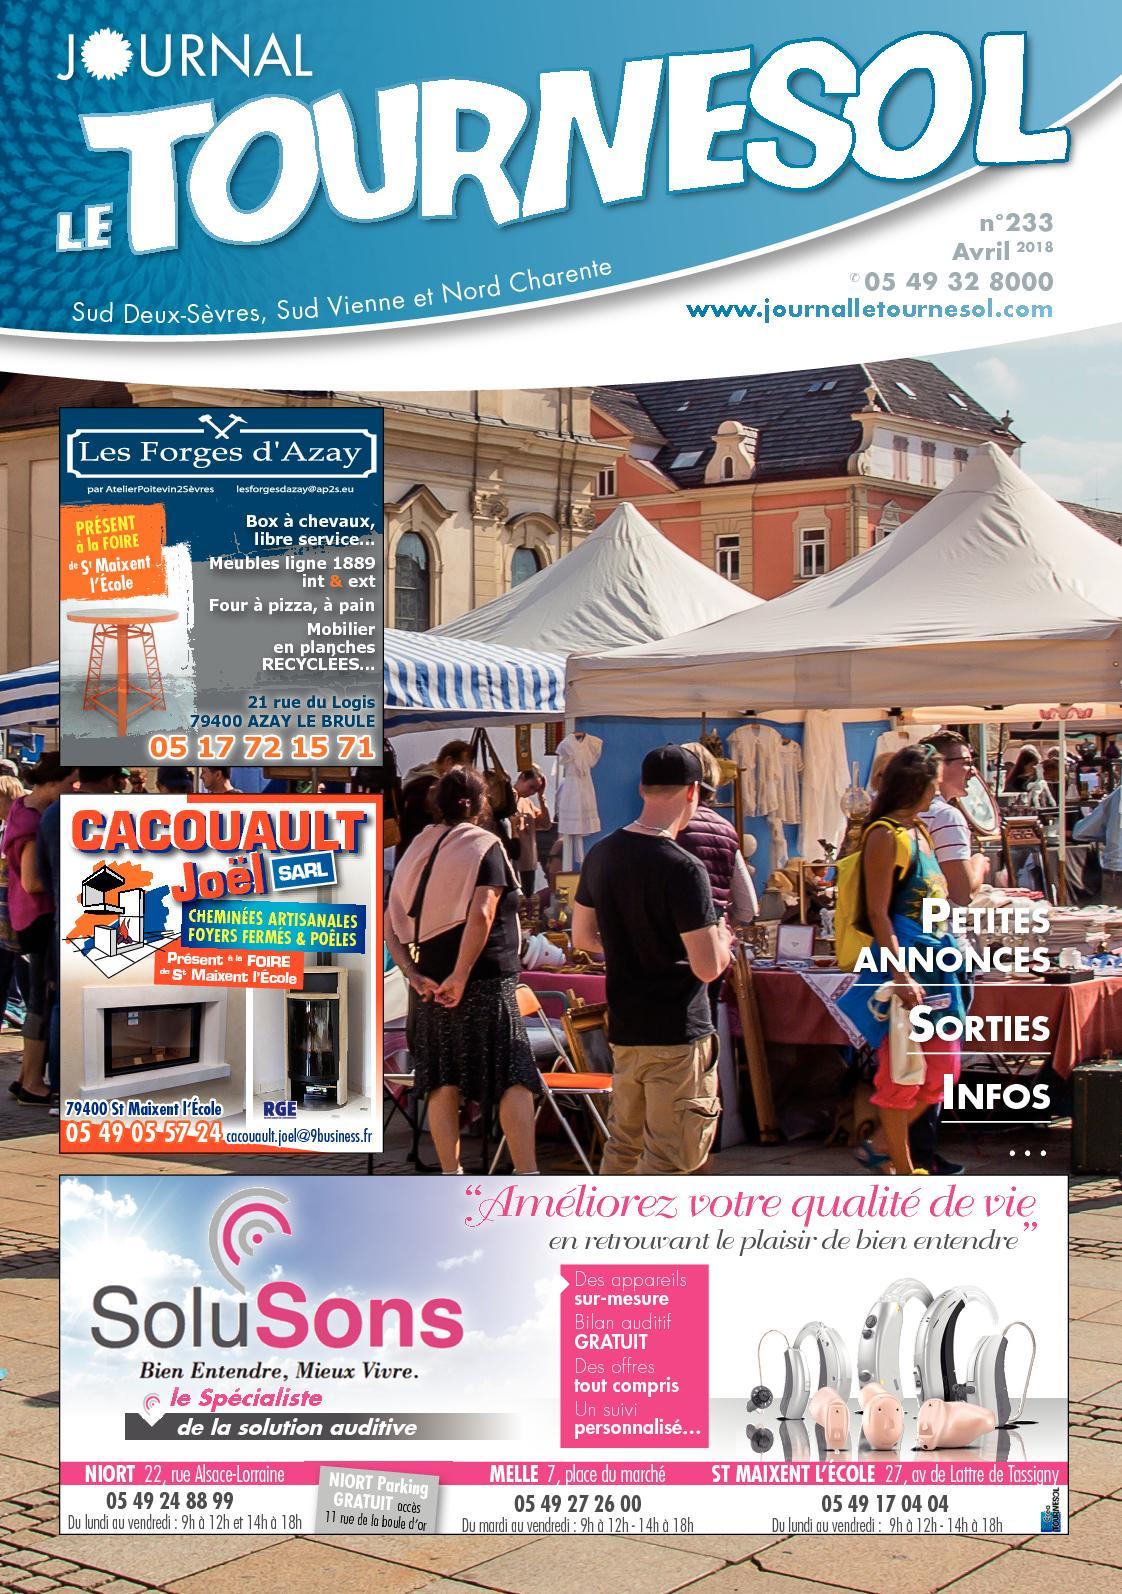 Leclerc so Ouest Génial Calaméo Journal Le tournesol Avril 2018 Of 30 Nouveau Leclerc so Ouest